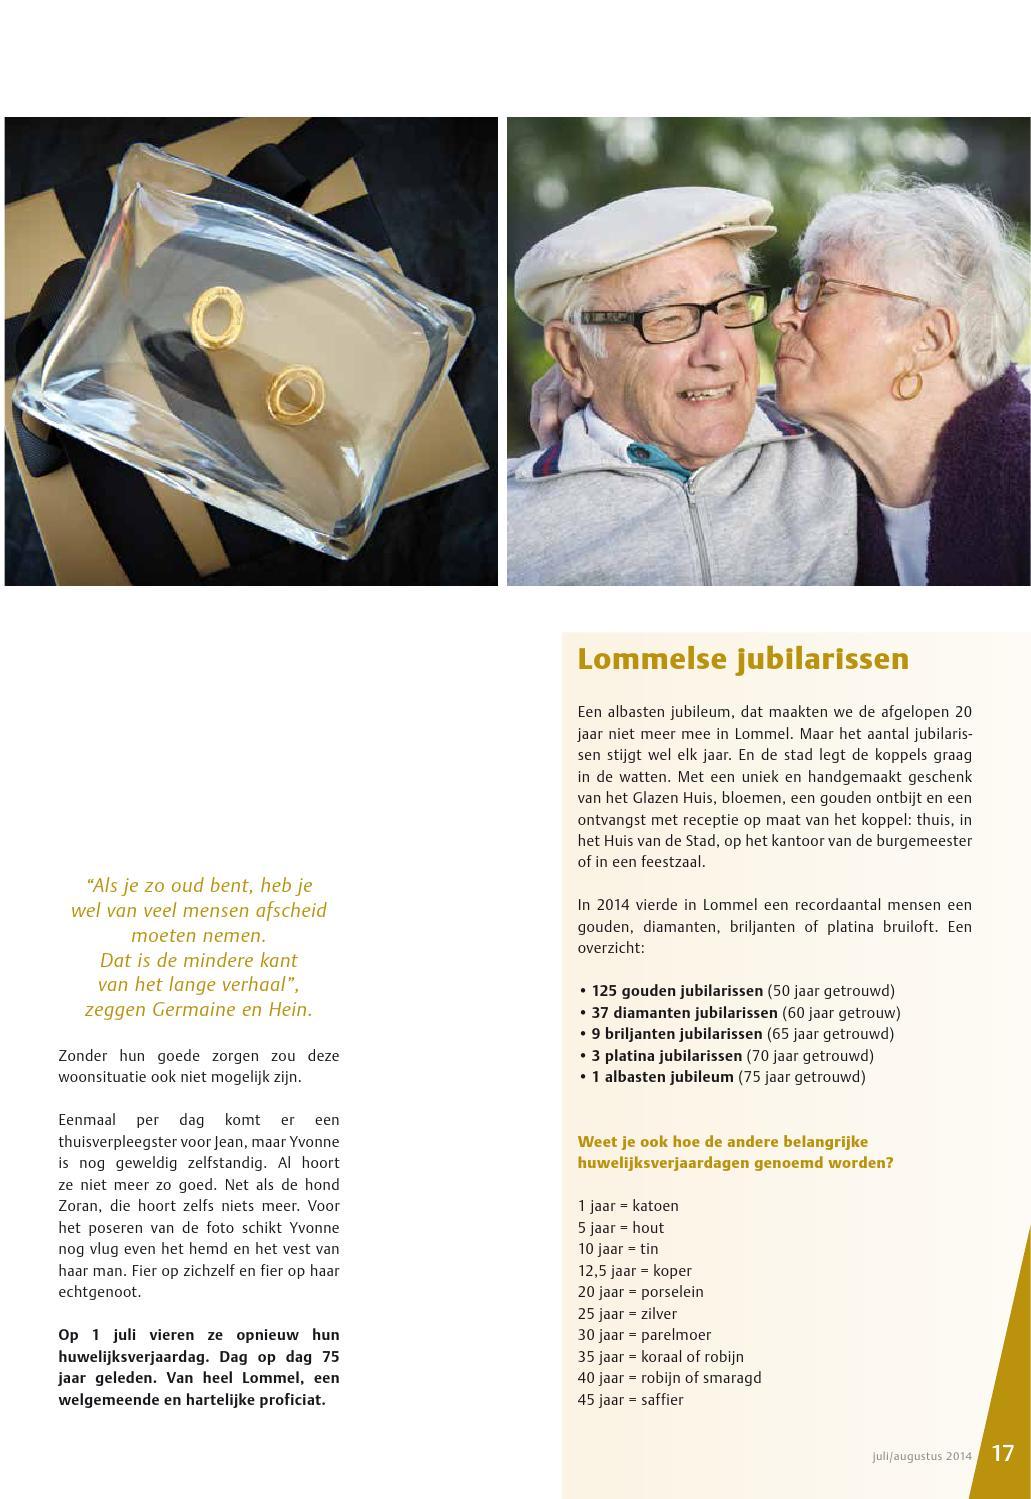 75 jaar getrouwd platina Info lommel juli 2014 by Stad Lommel   issuu 75 jaar getrouwd platina